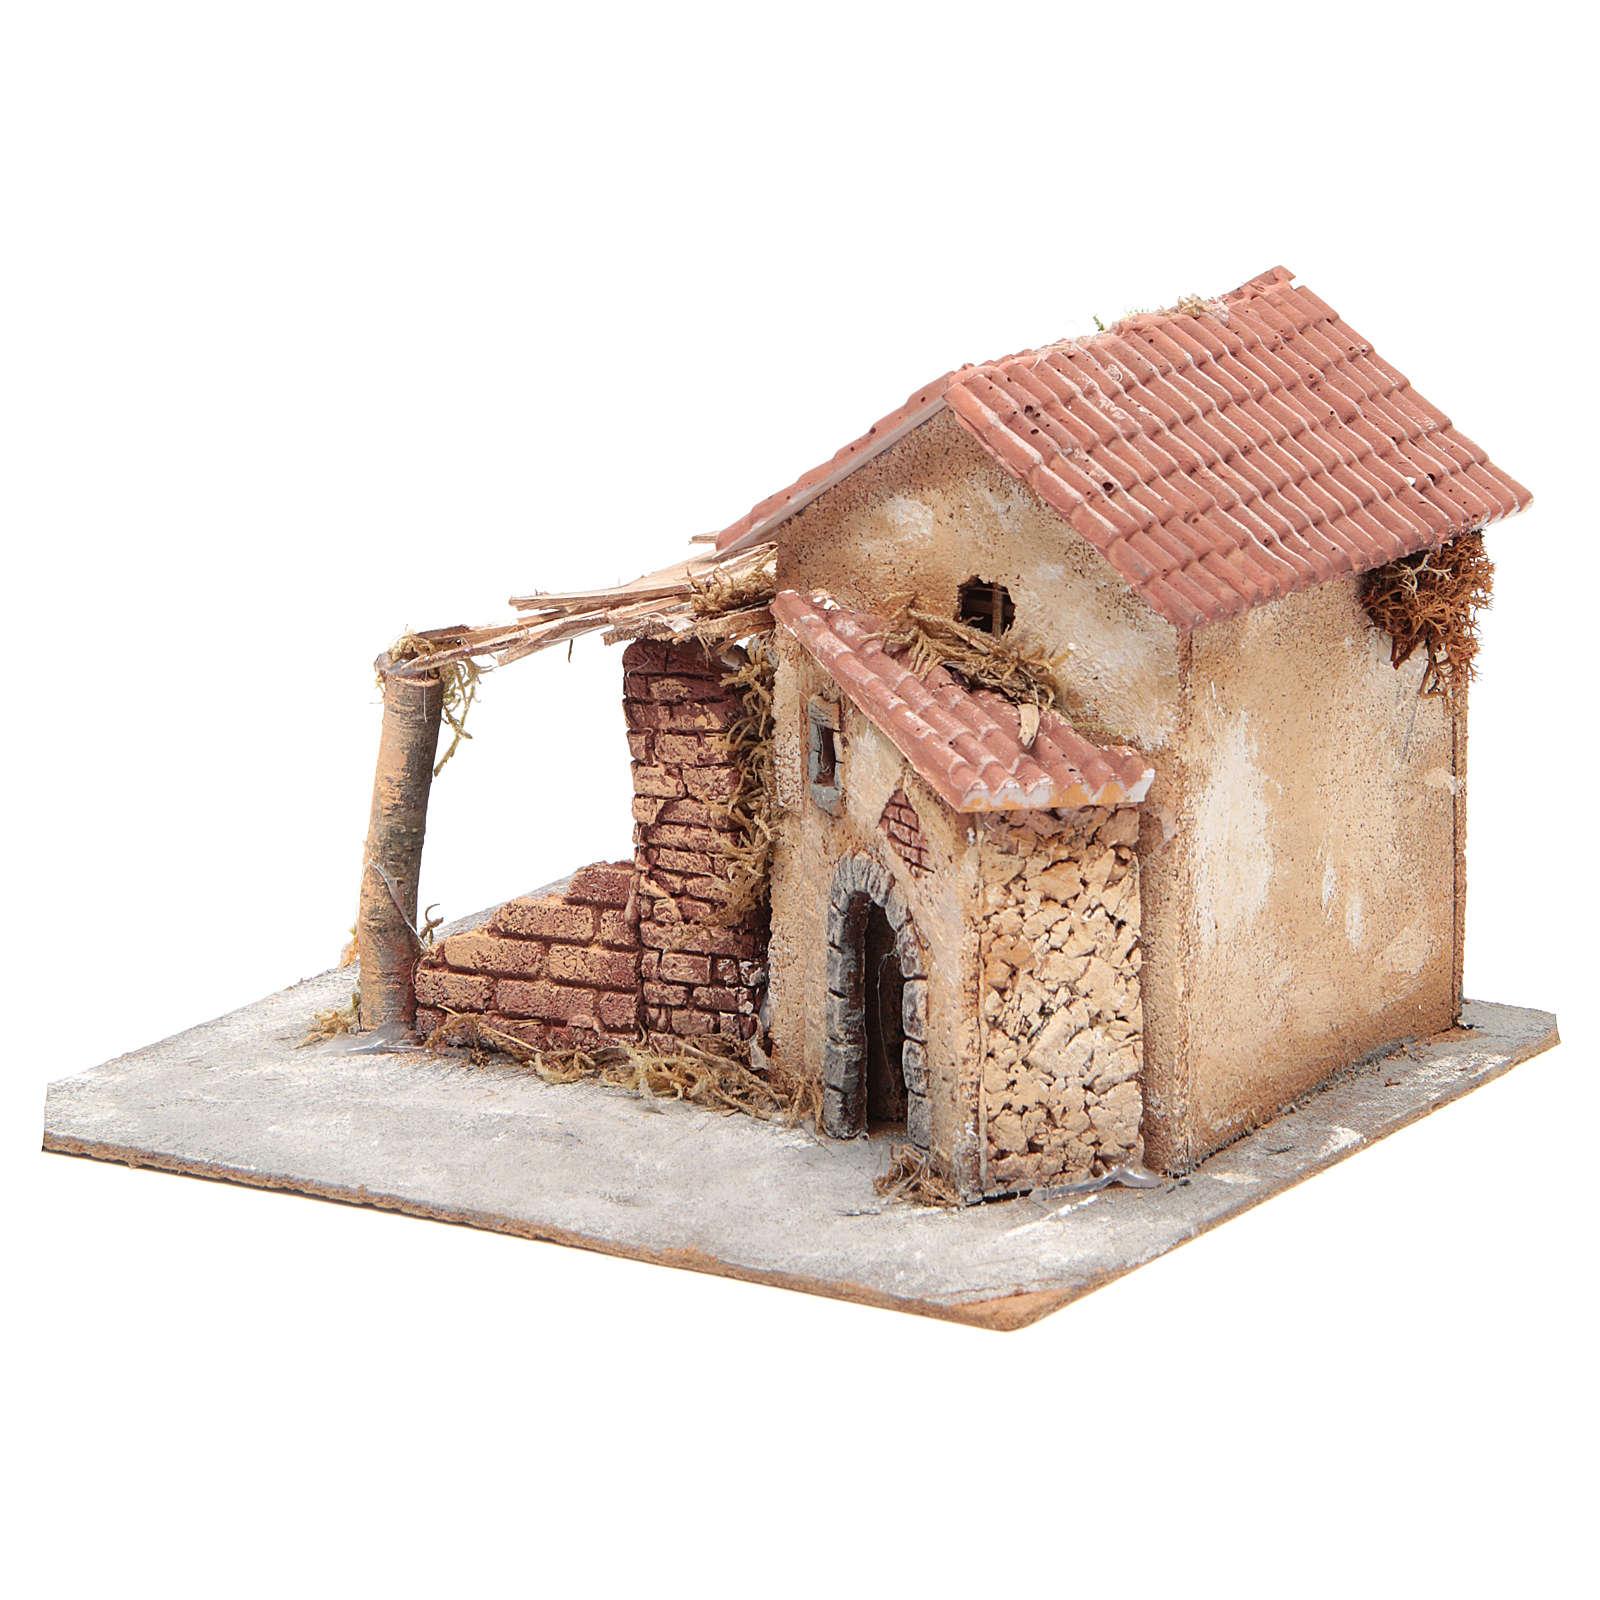 Houses in cork & resin Neapolitan Nativity 20x28x26 cm 4